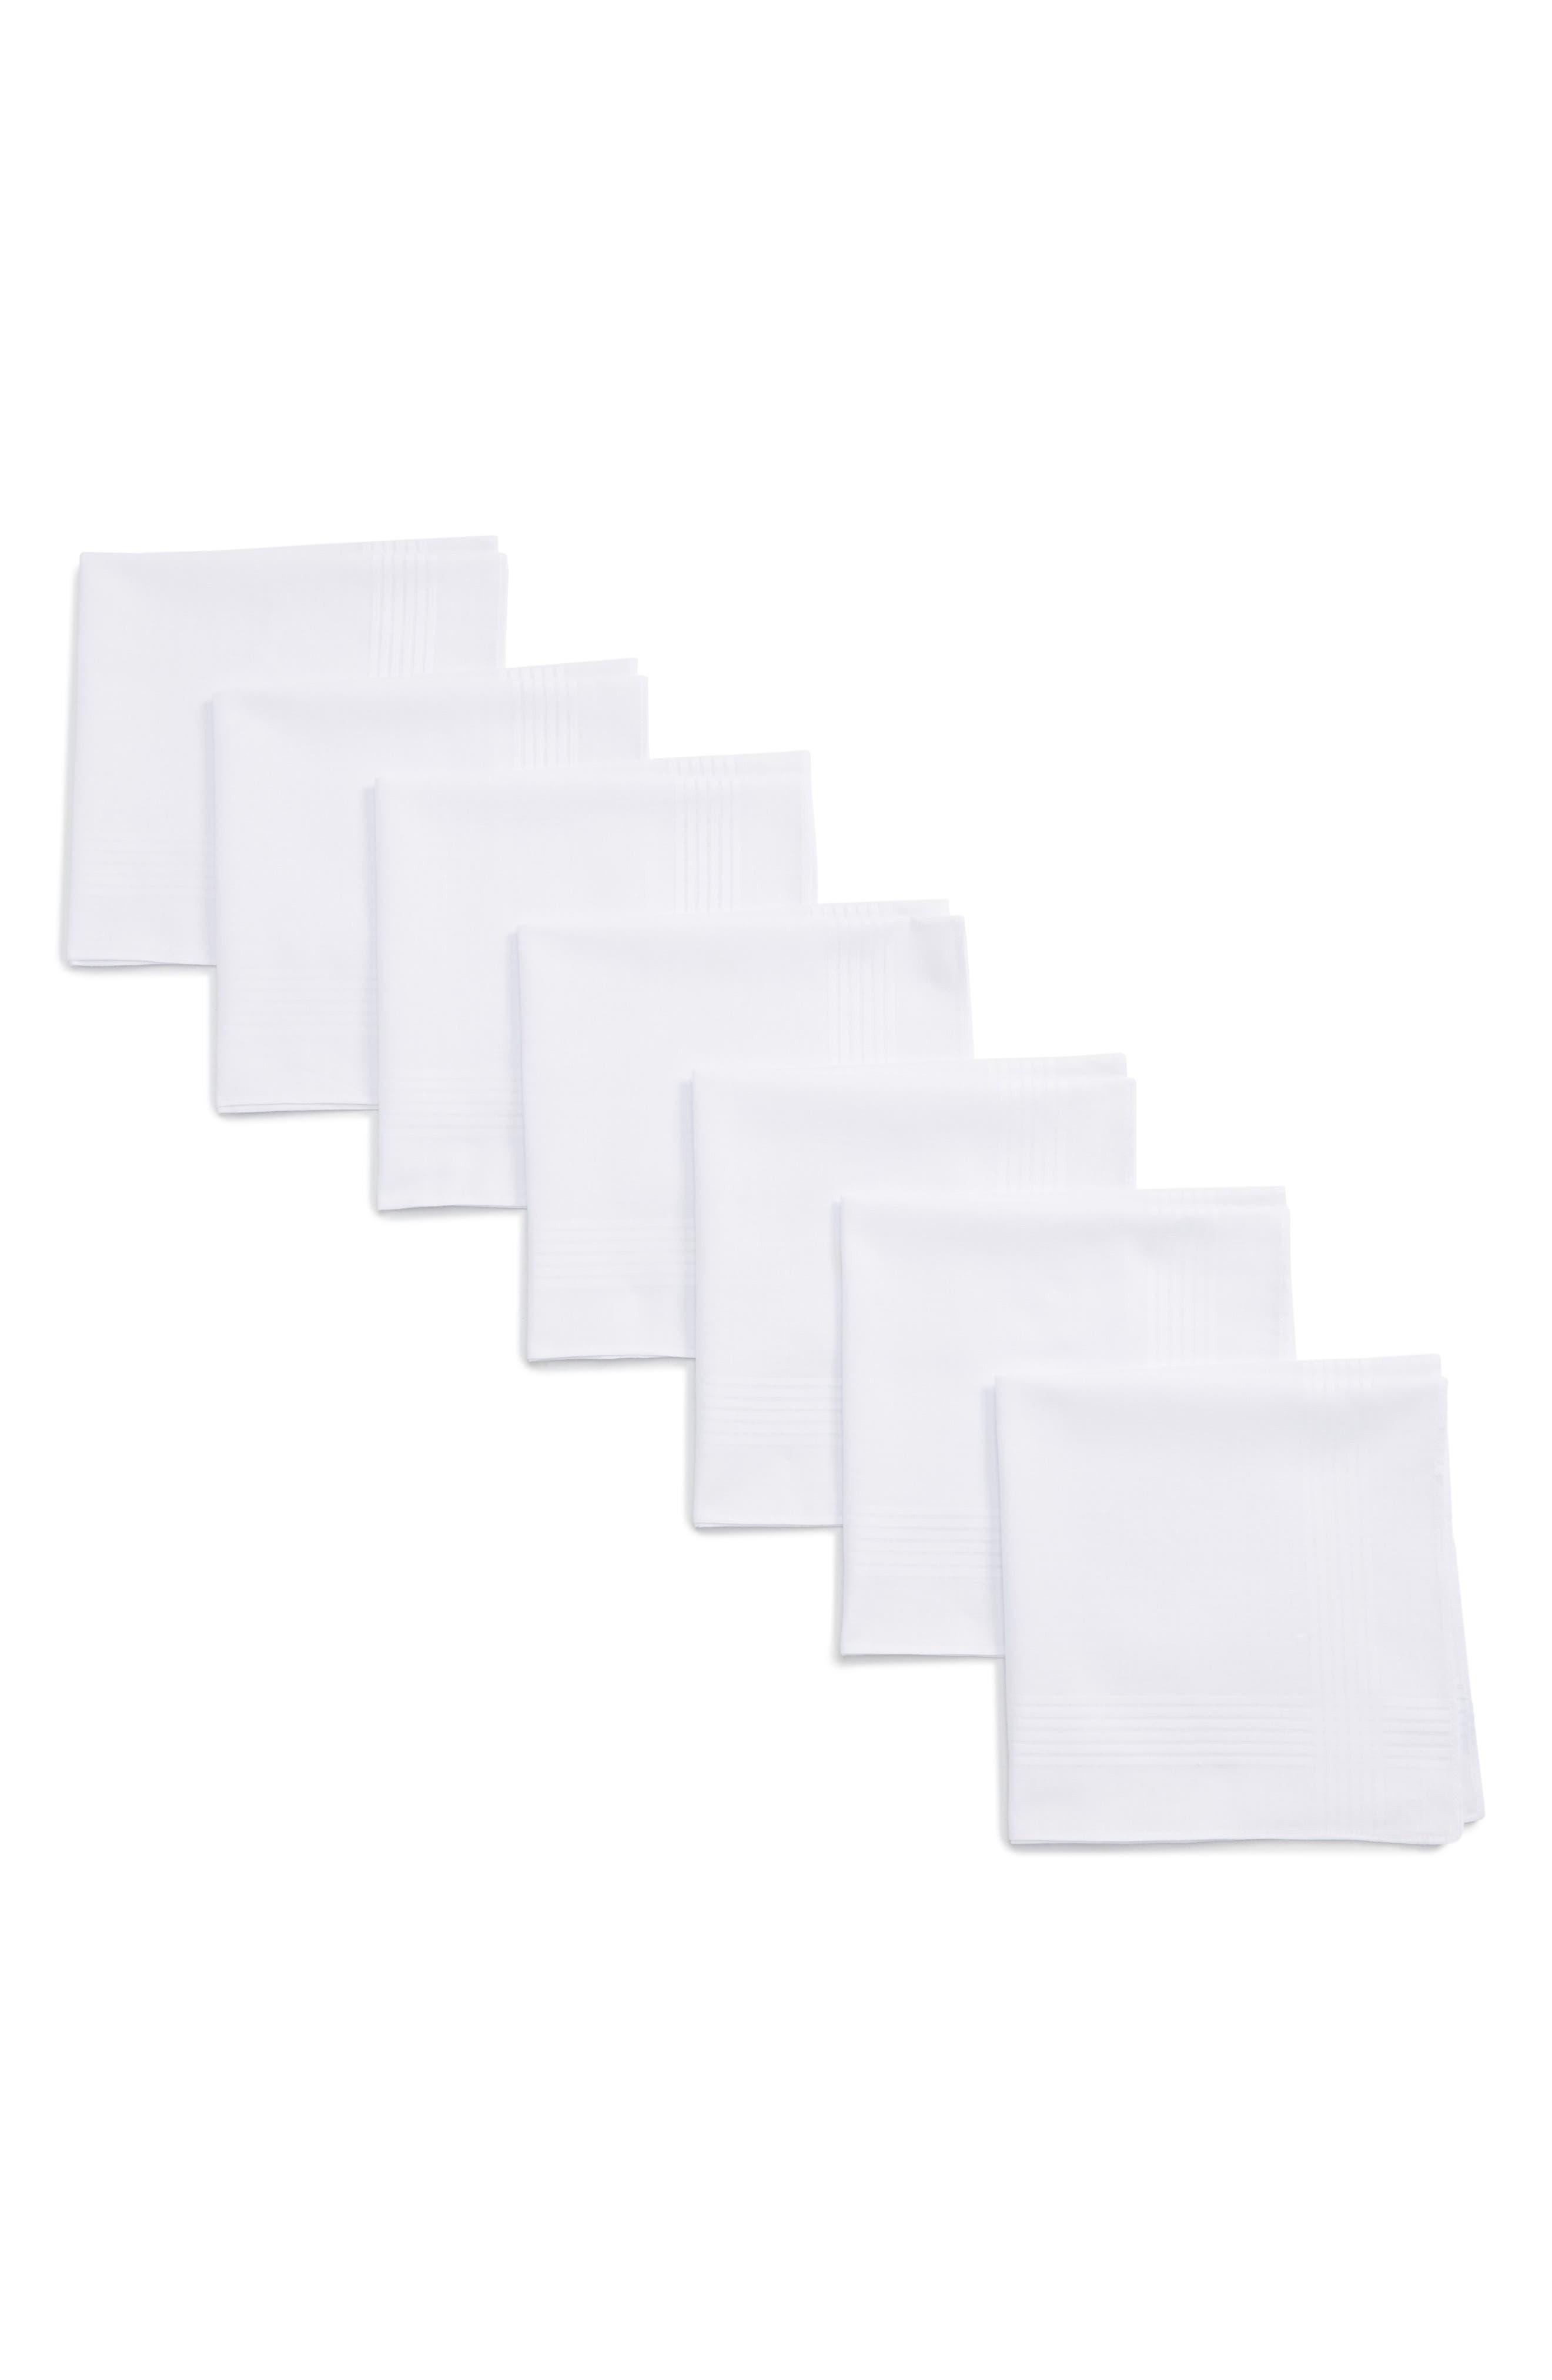 Main Image - Nordstrom Men's Shop 13-Pack Handkerchiefs